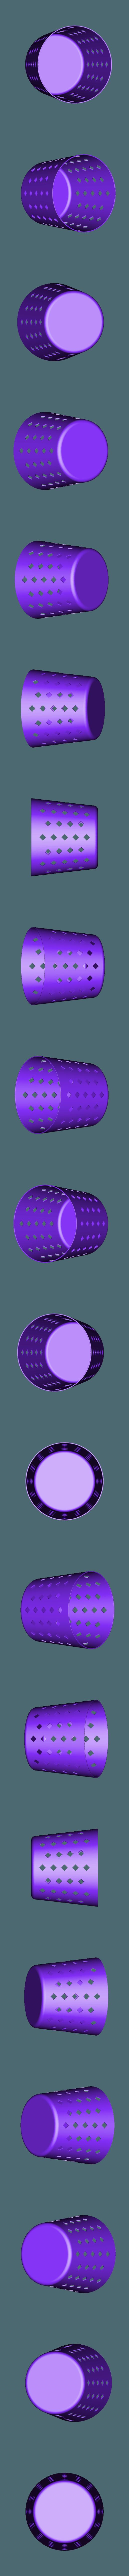 basket1.stl Télécharger fichier STL gratuit Panier à crayons, etc. • Design à imprimer en 3D, tsampoyras